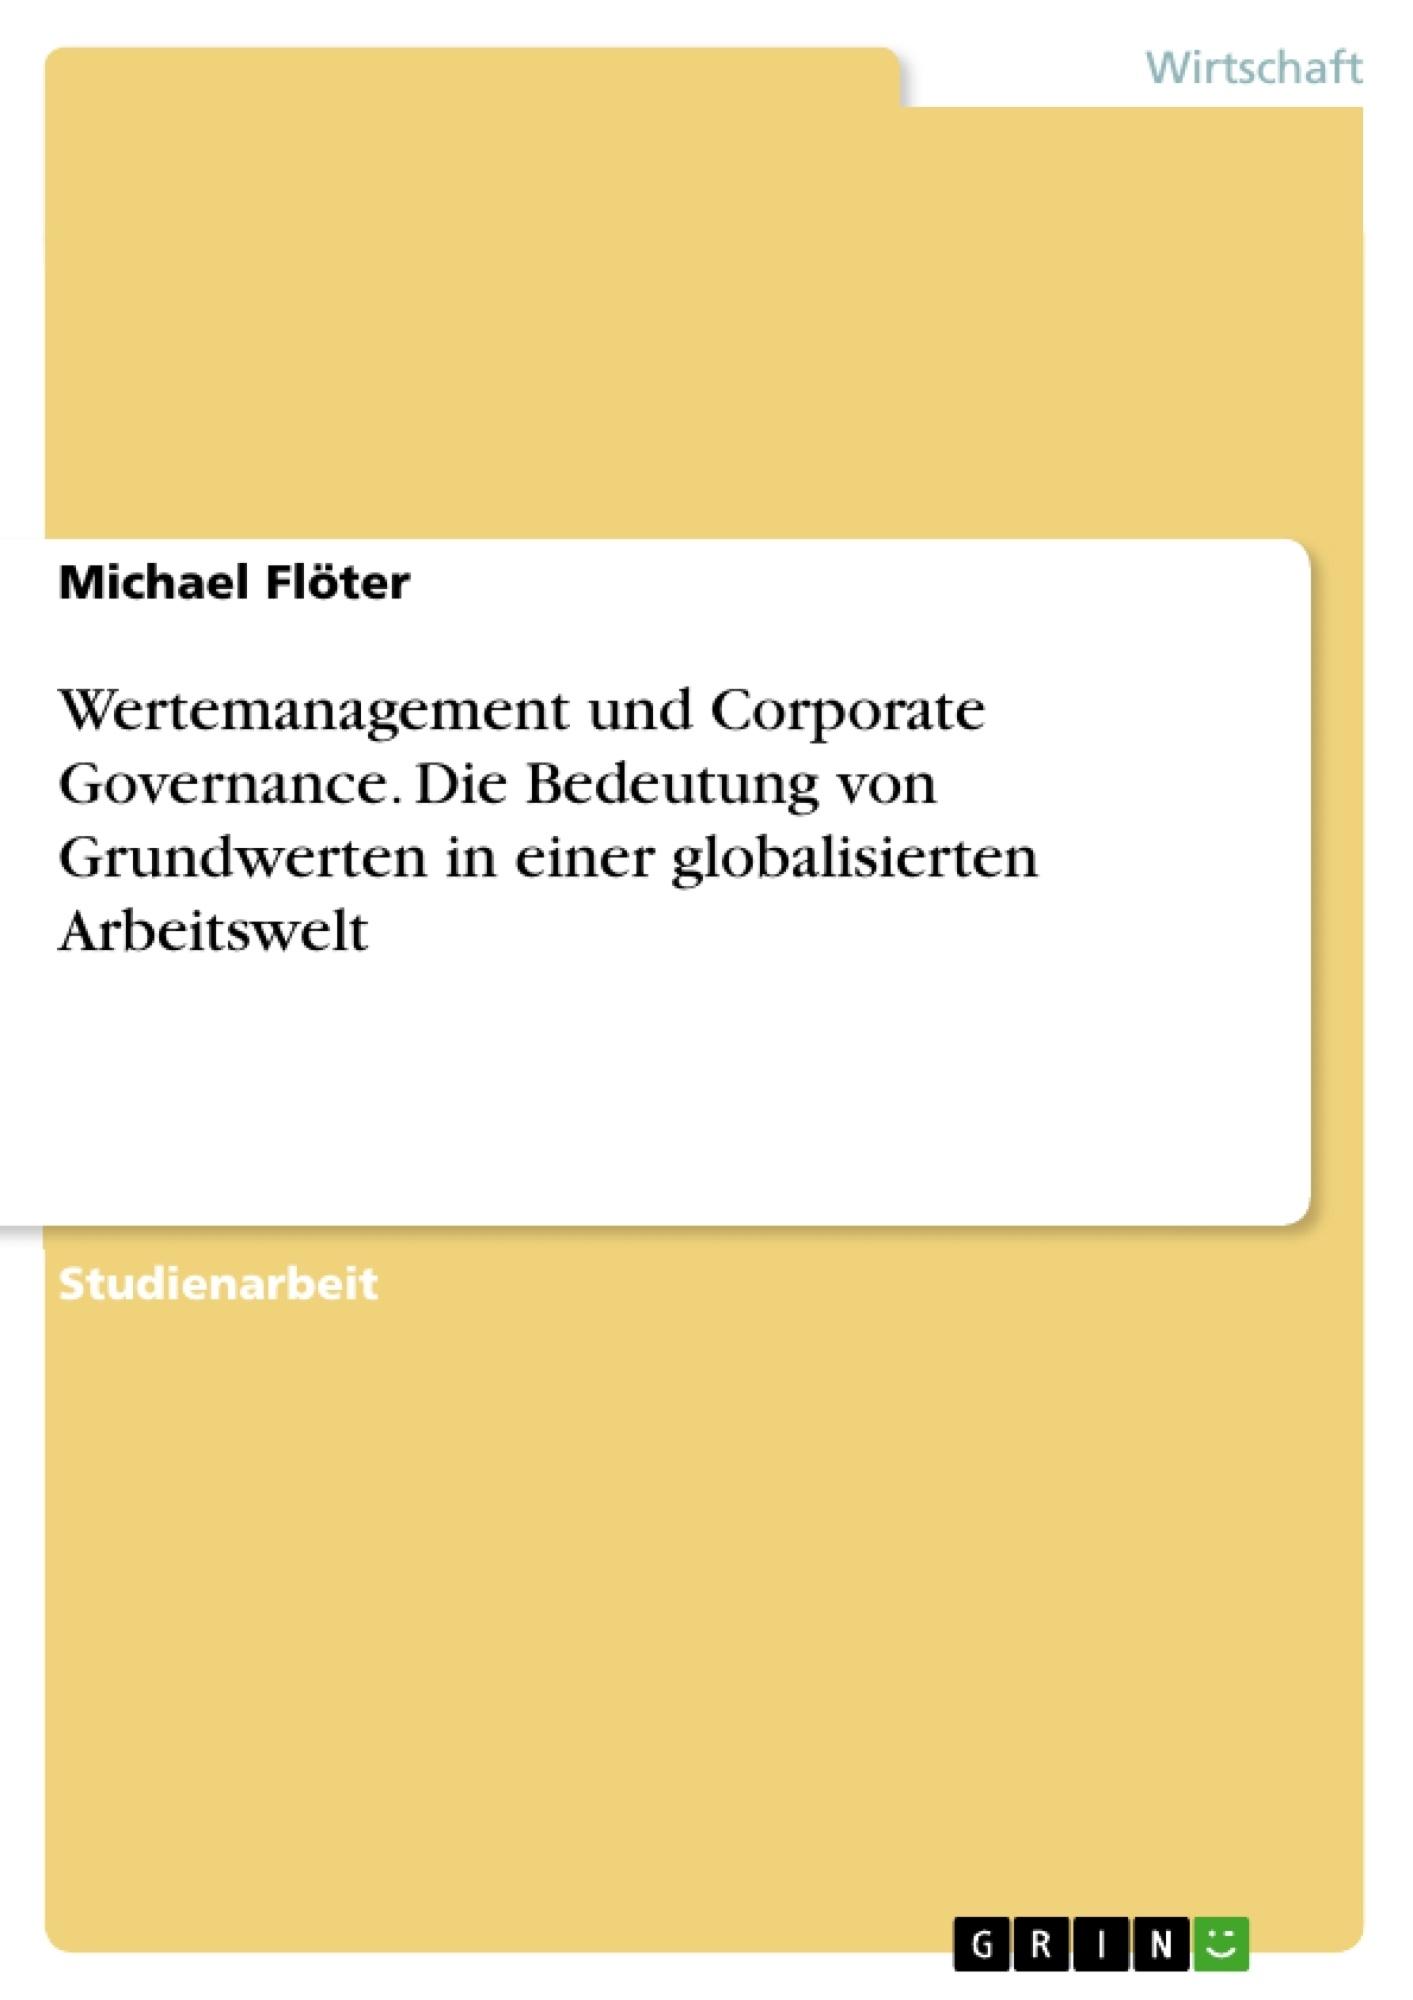 Titel: Wertemanagement und Corporate Governance. Die Bedeutung von Grundwerten in einer globalisierten Arbeitswelt